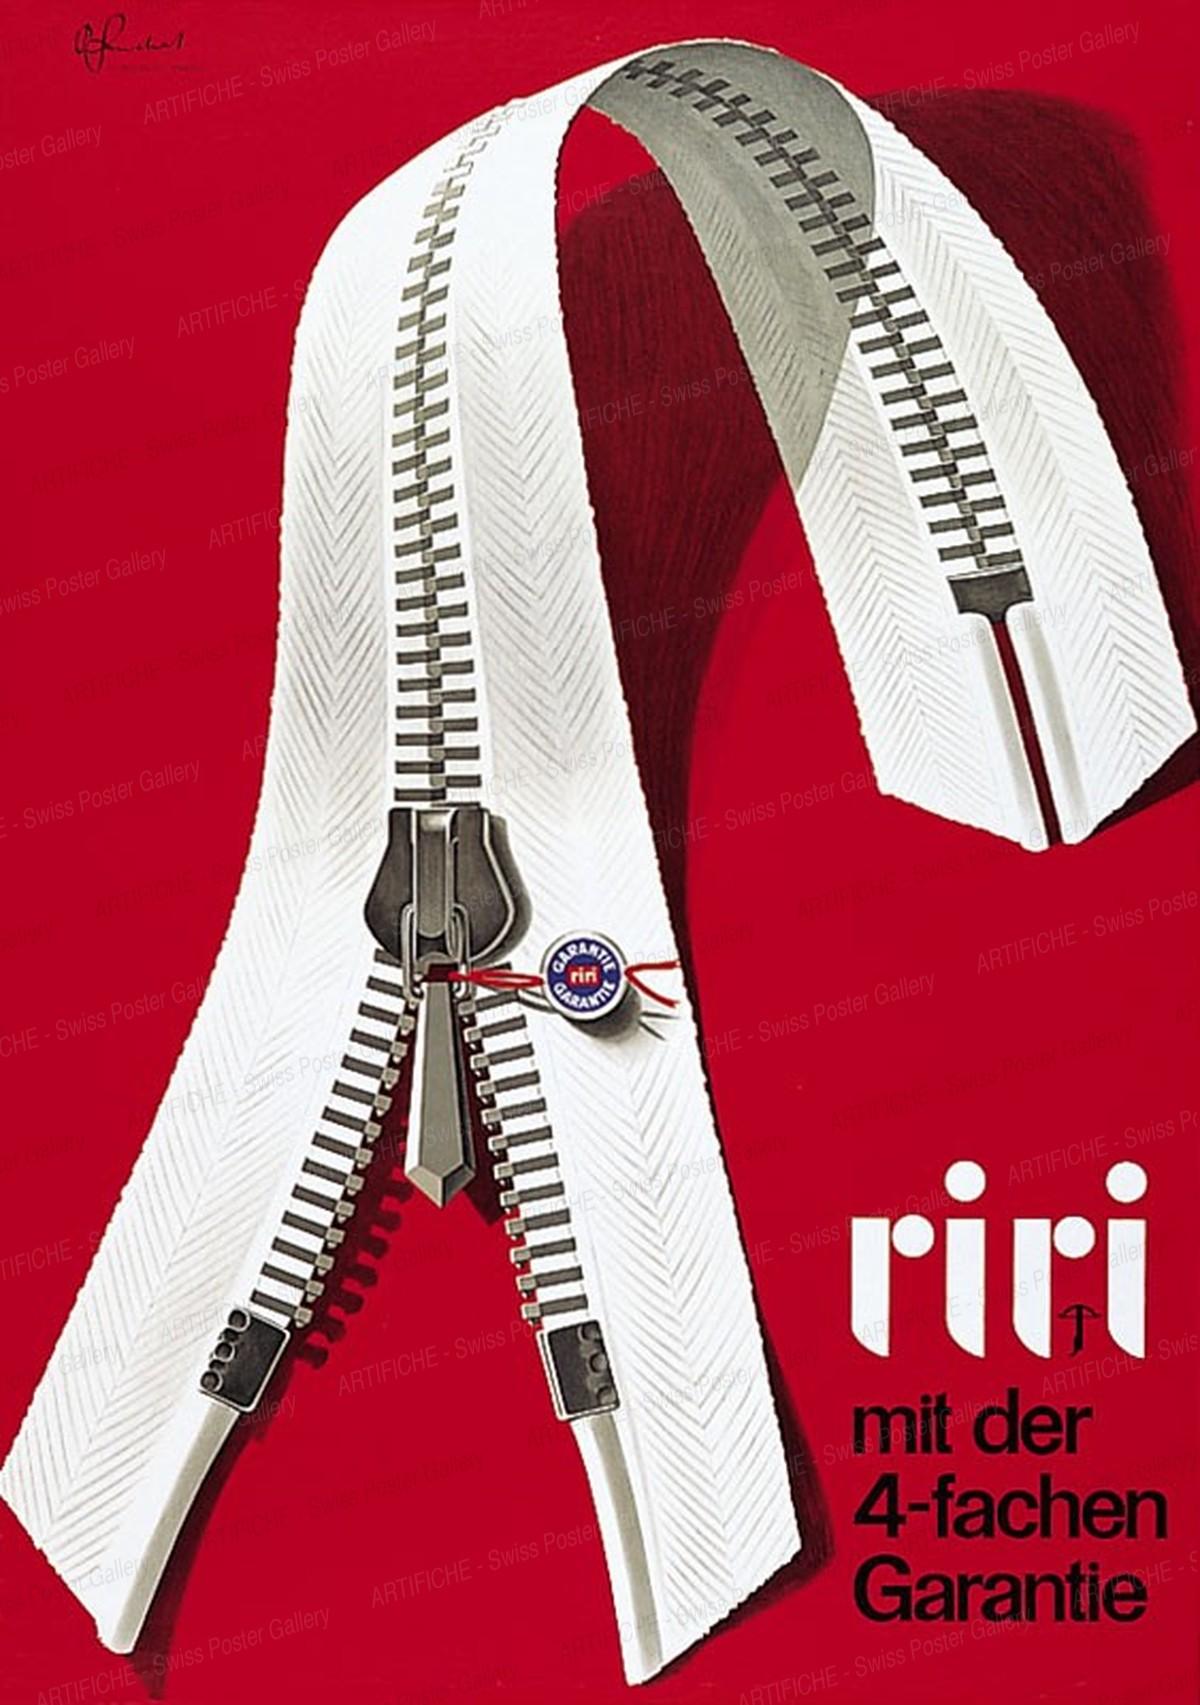 Riri – mit der 4-fachen Garantie, Pierre Gauchat